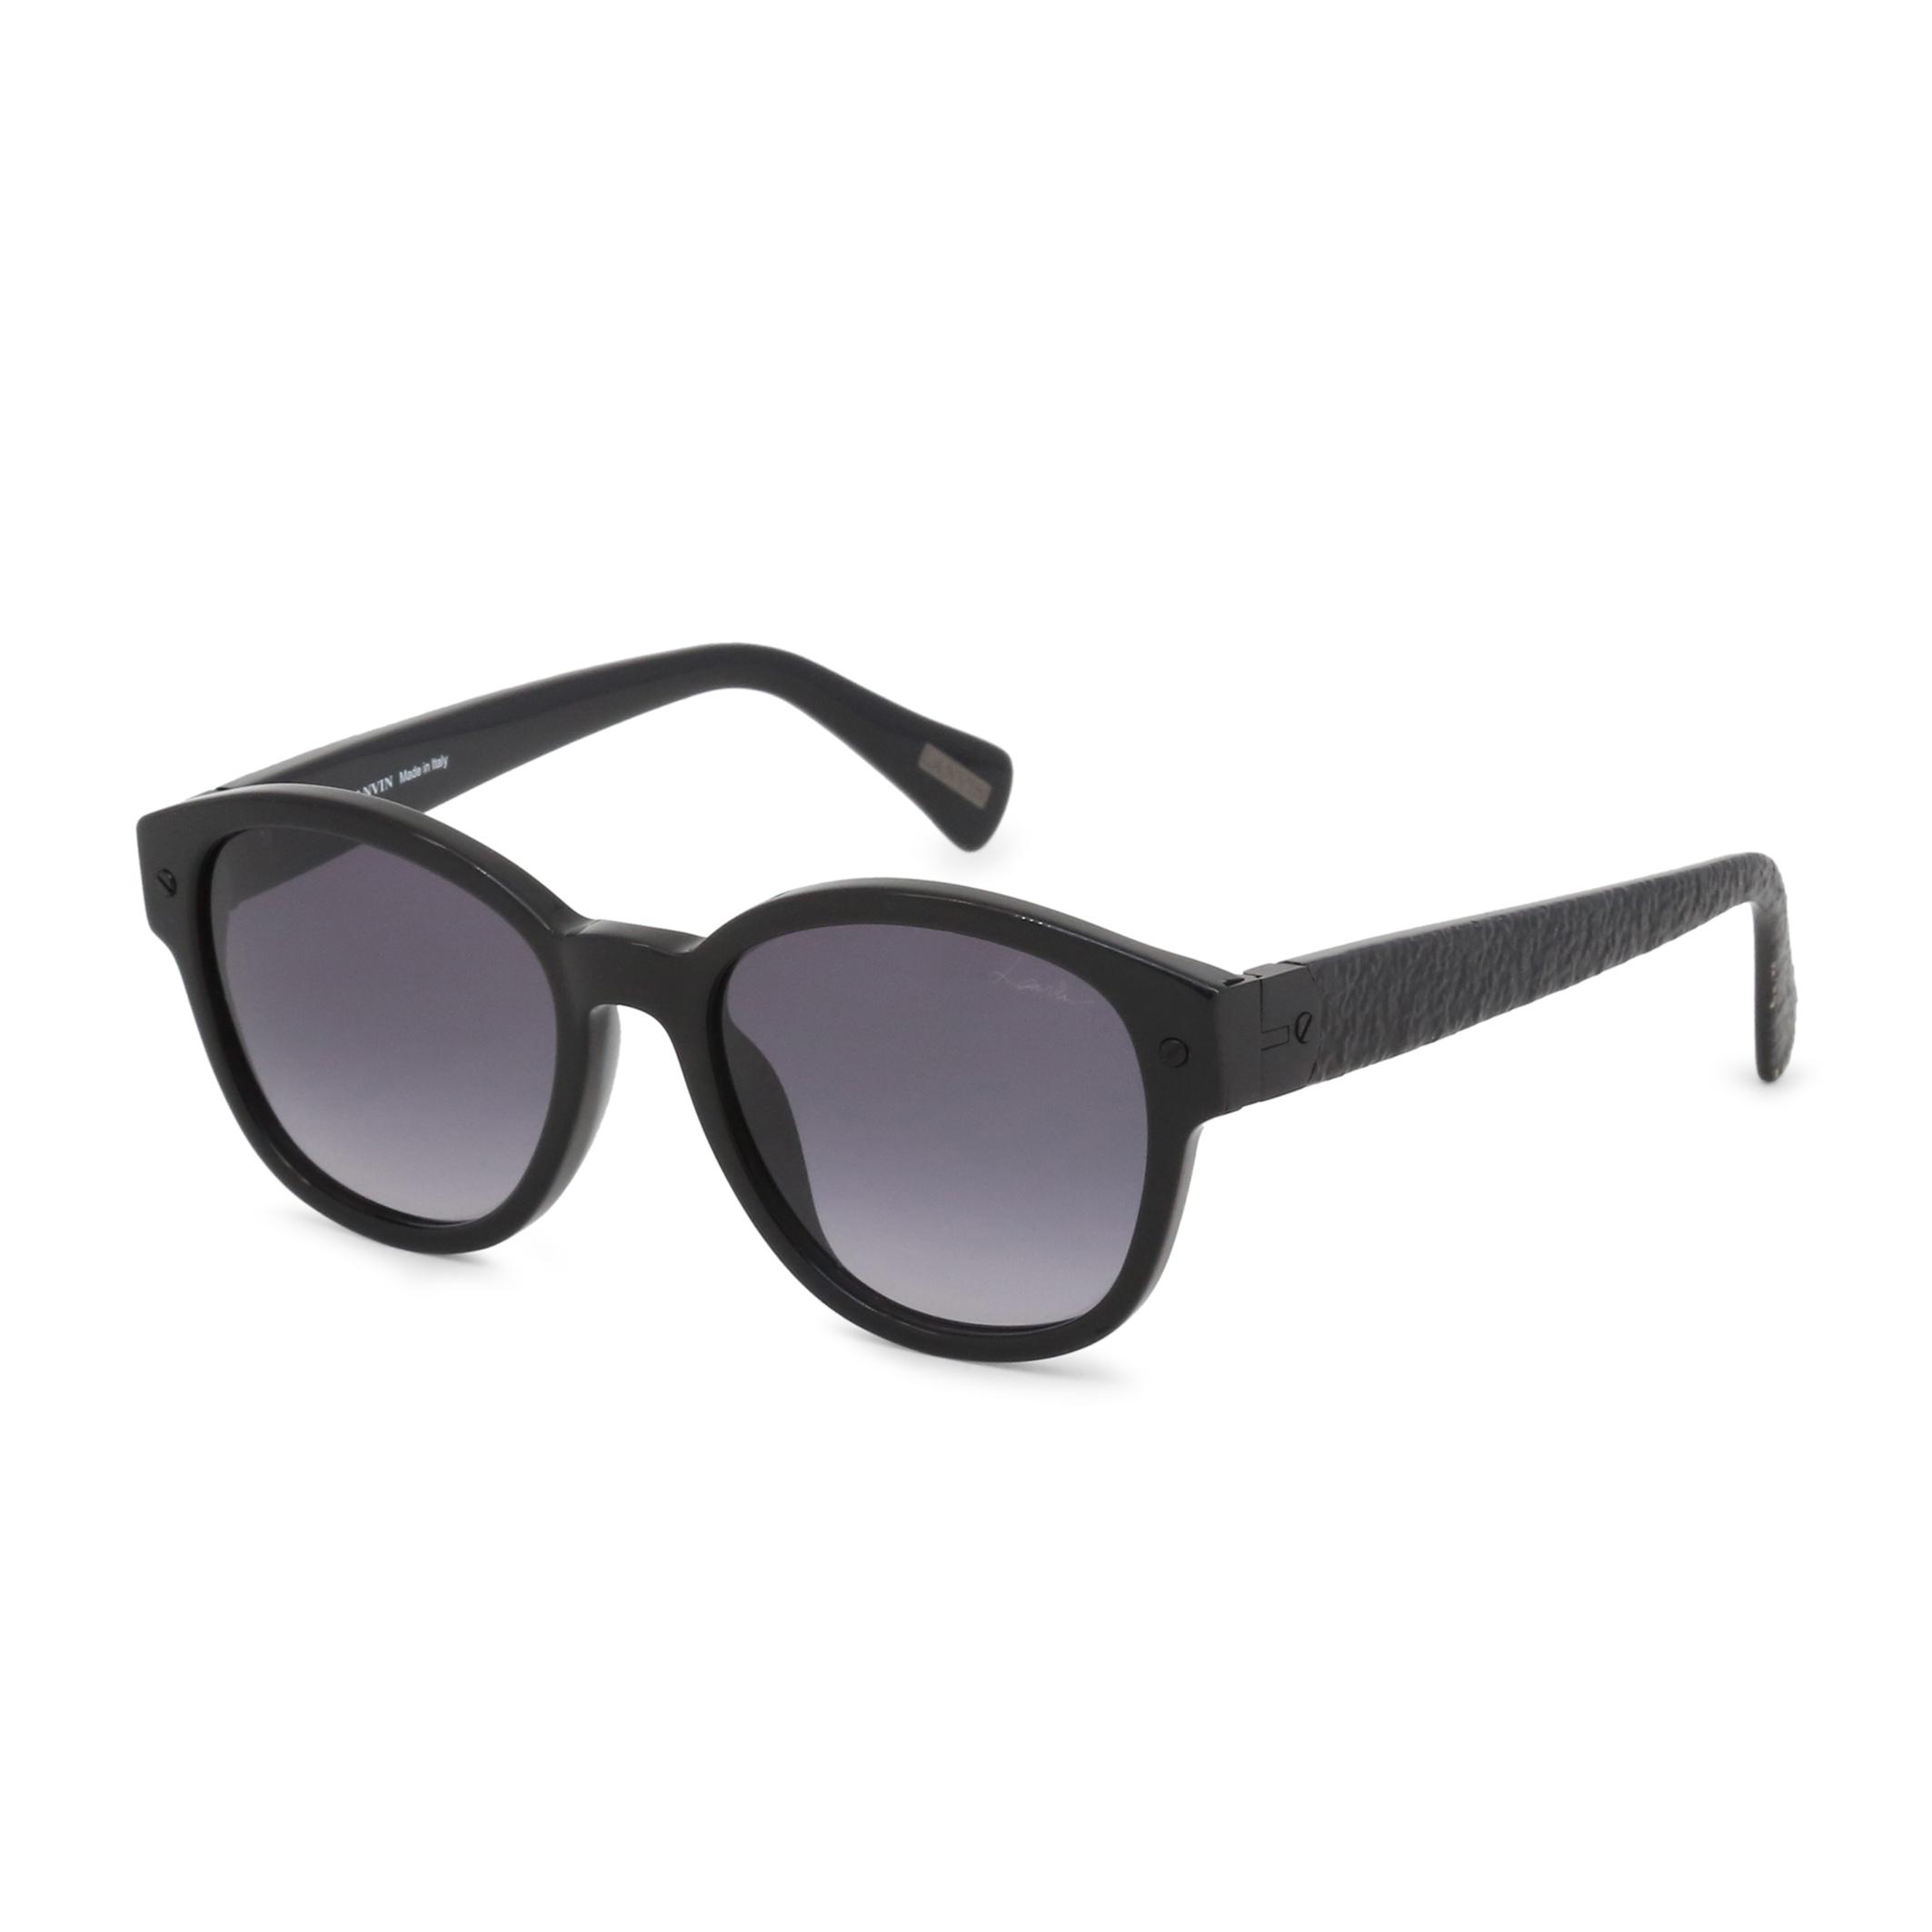 Ochelari de soare Lanvin SLN623M Negru